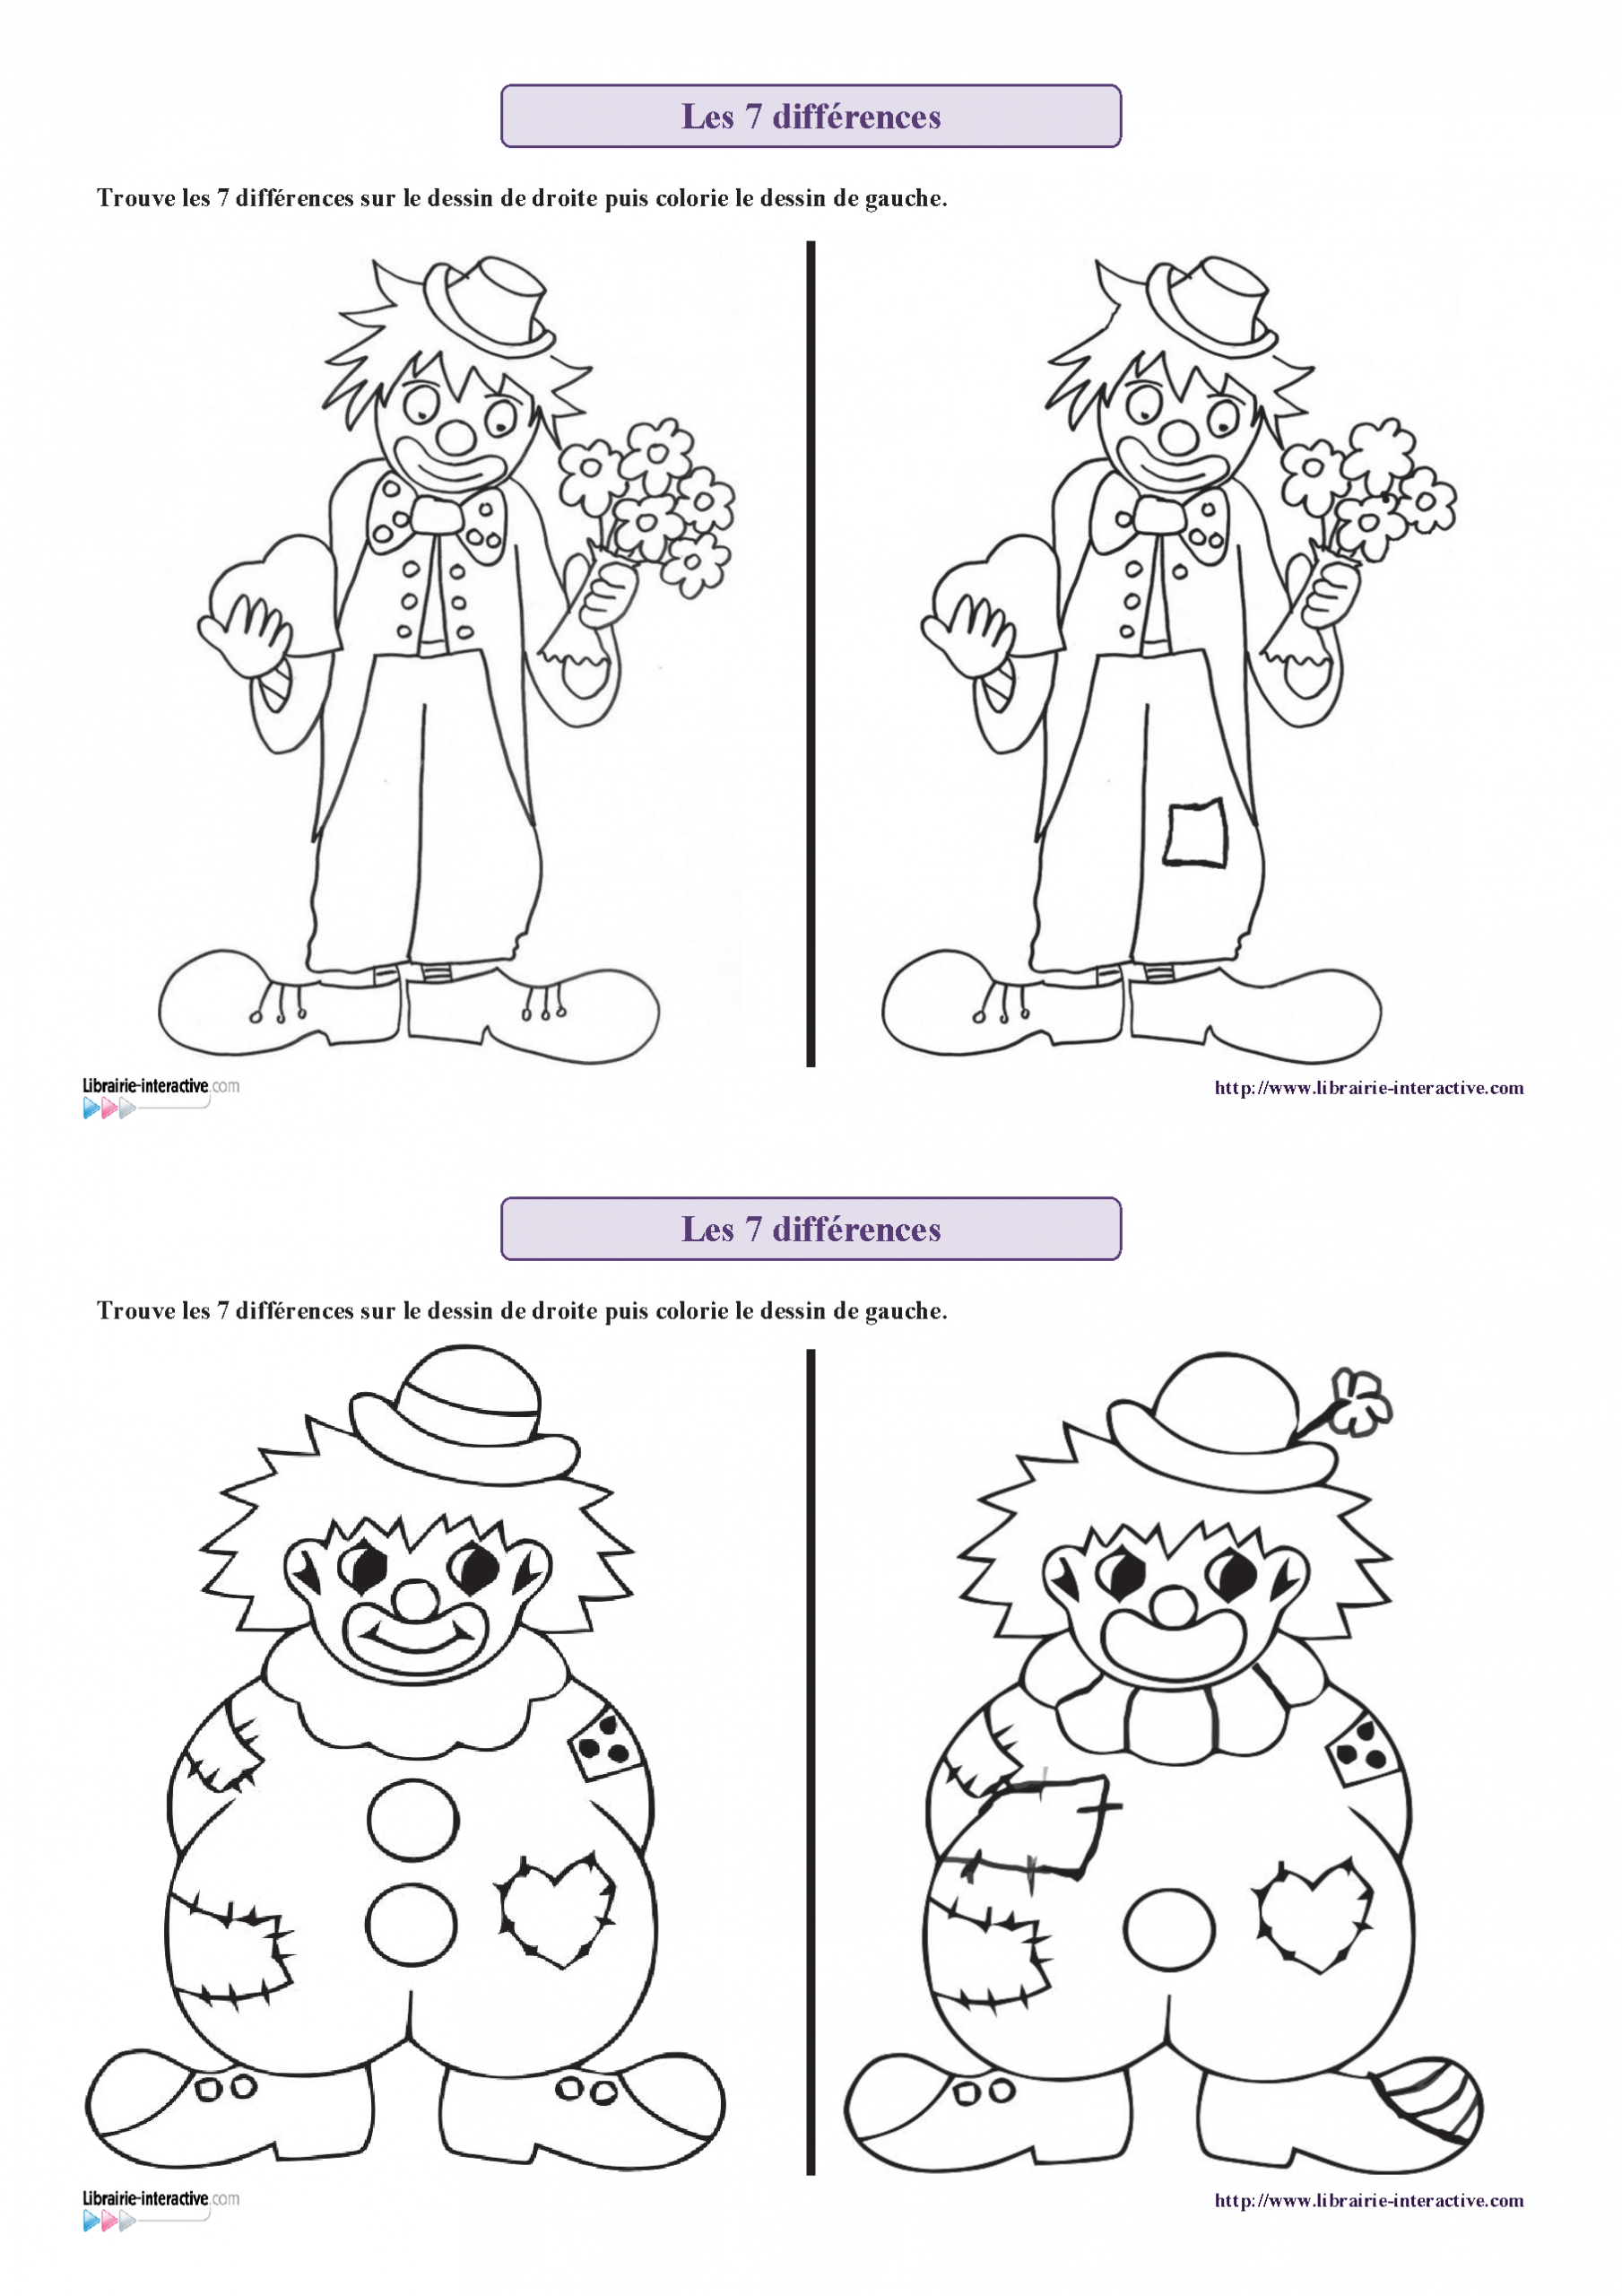 6 Fiches Avec Des Personnages De Carnaval (Clown, Arlequin dedans Chercher Les Differences